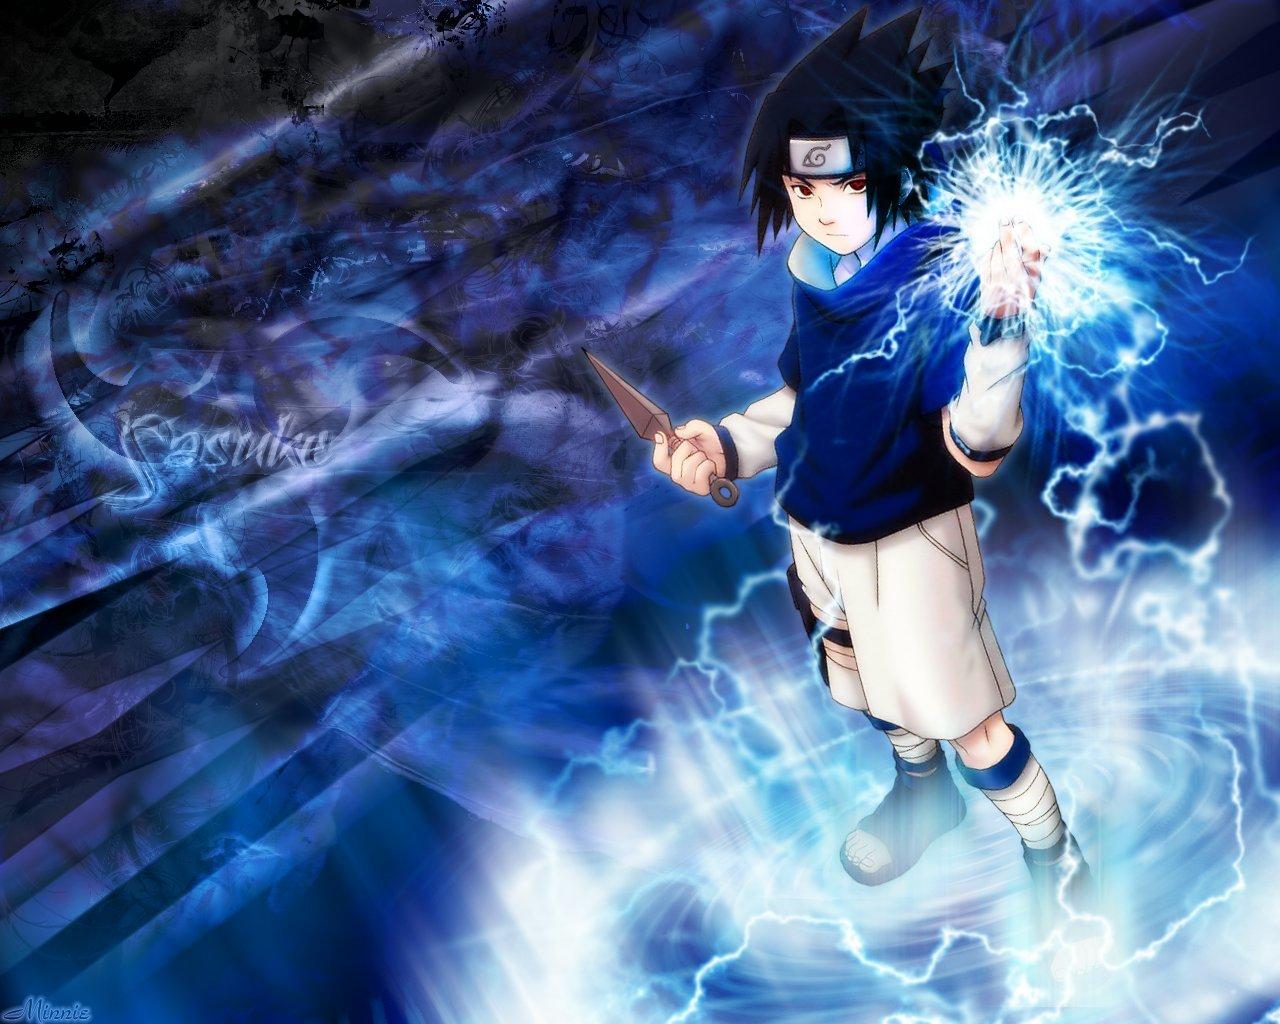 TREND WALLPAPERS Wallpaper Uchiha Sasuke 1280x1024